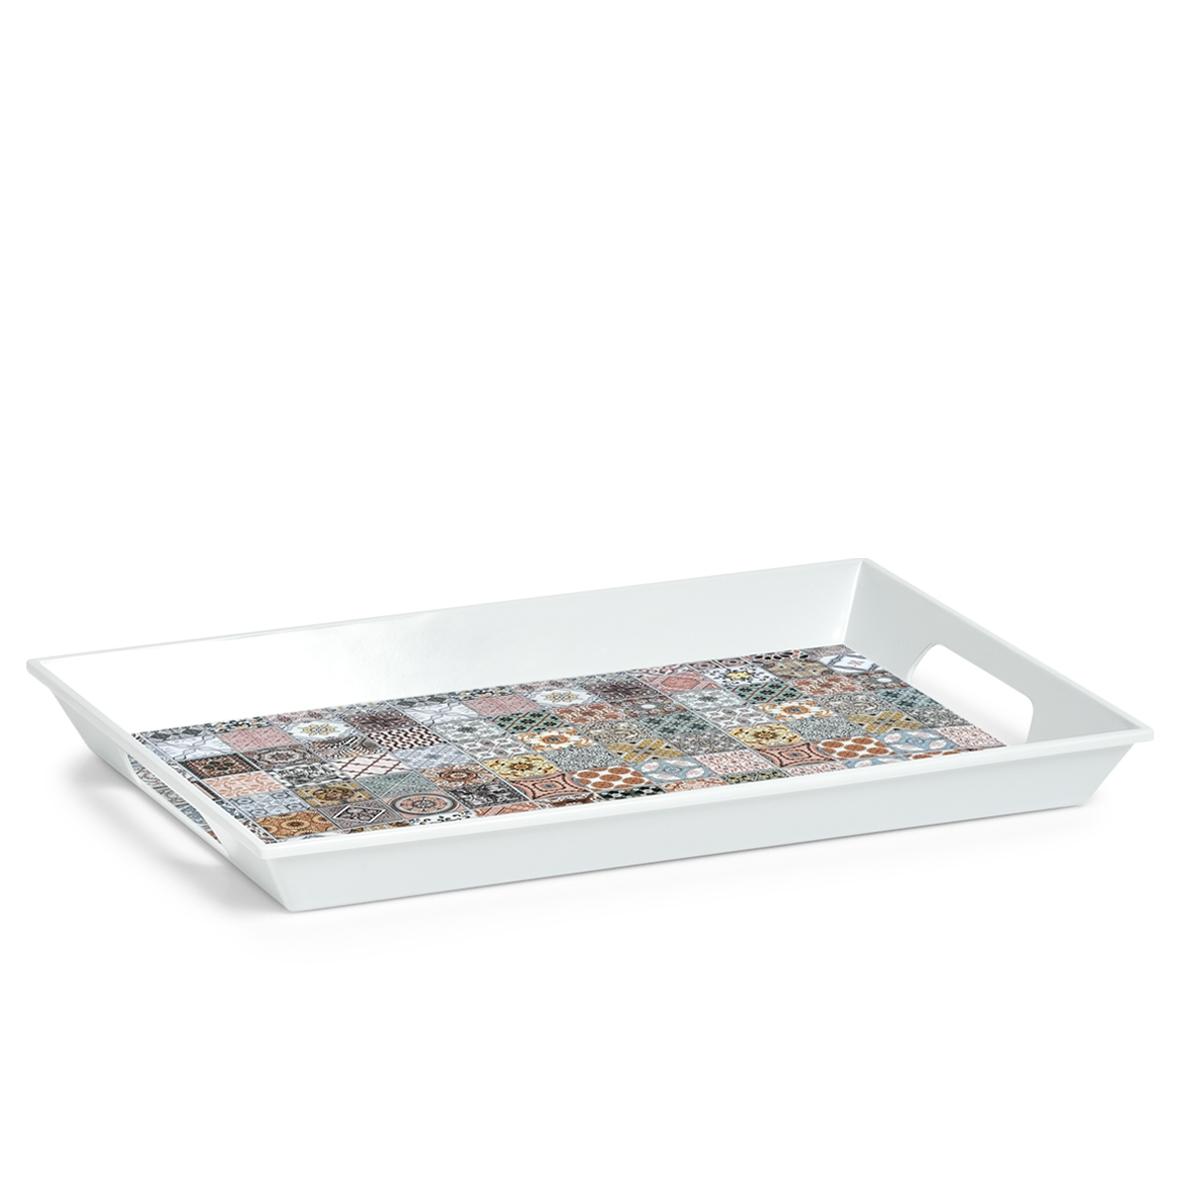 Tava pentru servire din melamina, Mosaic Multicolor, L50xl35 cm poza